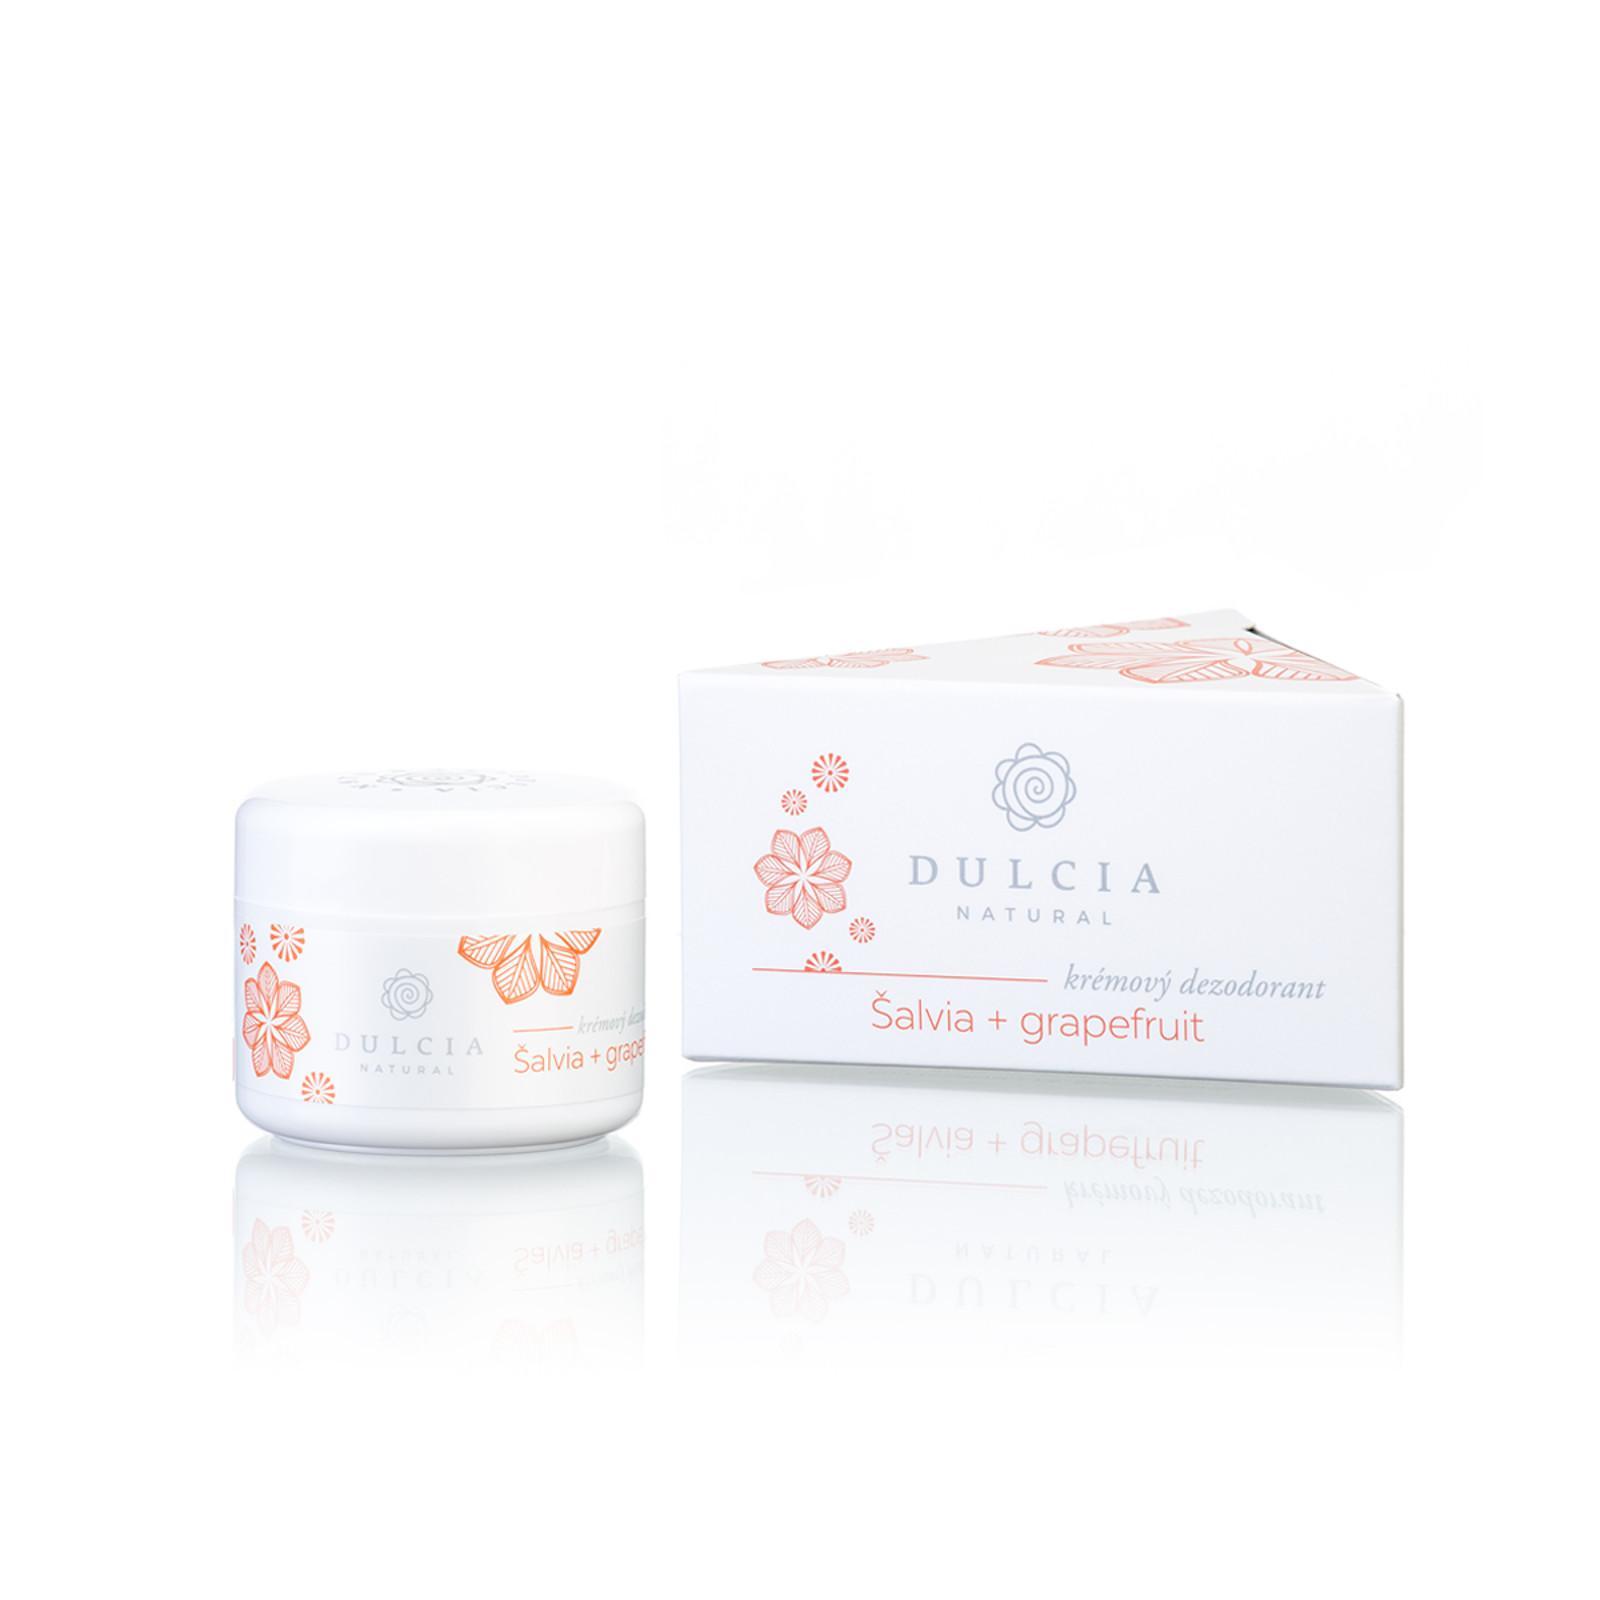 DULCIA natural Krémový deodorant šalvěj - grapefruit 30 ml